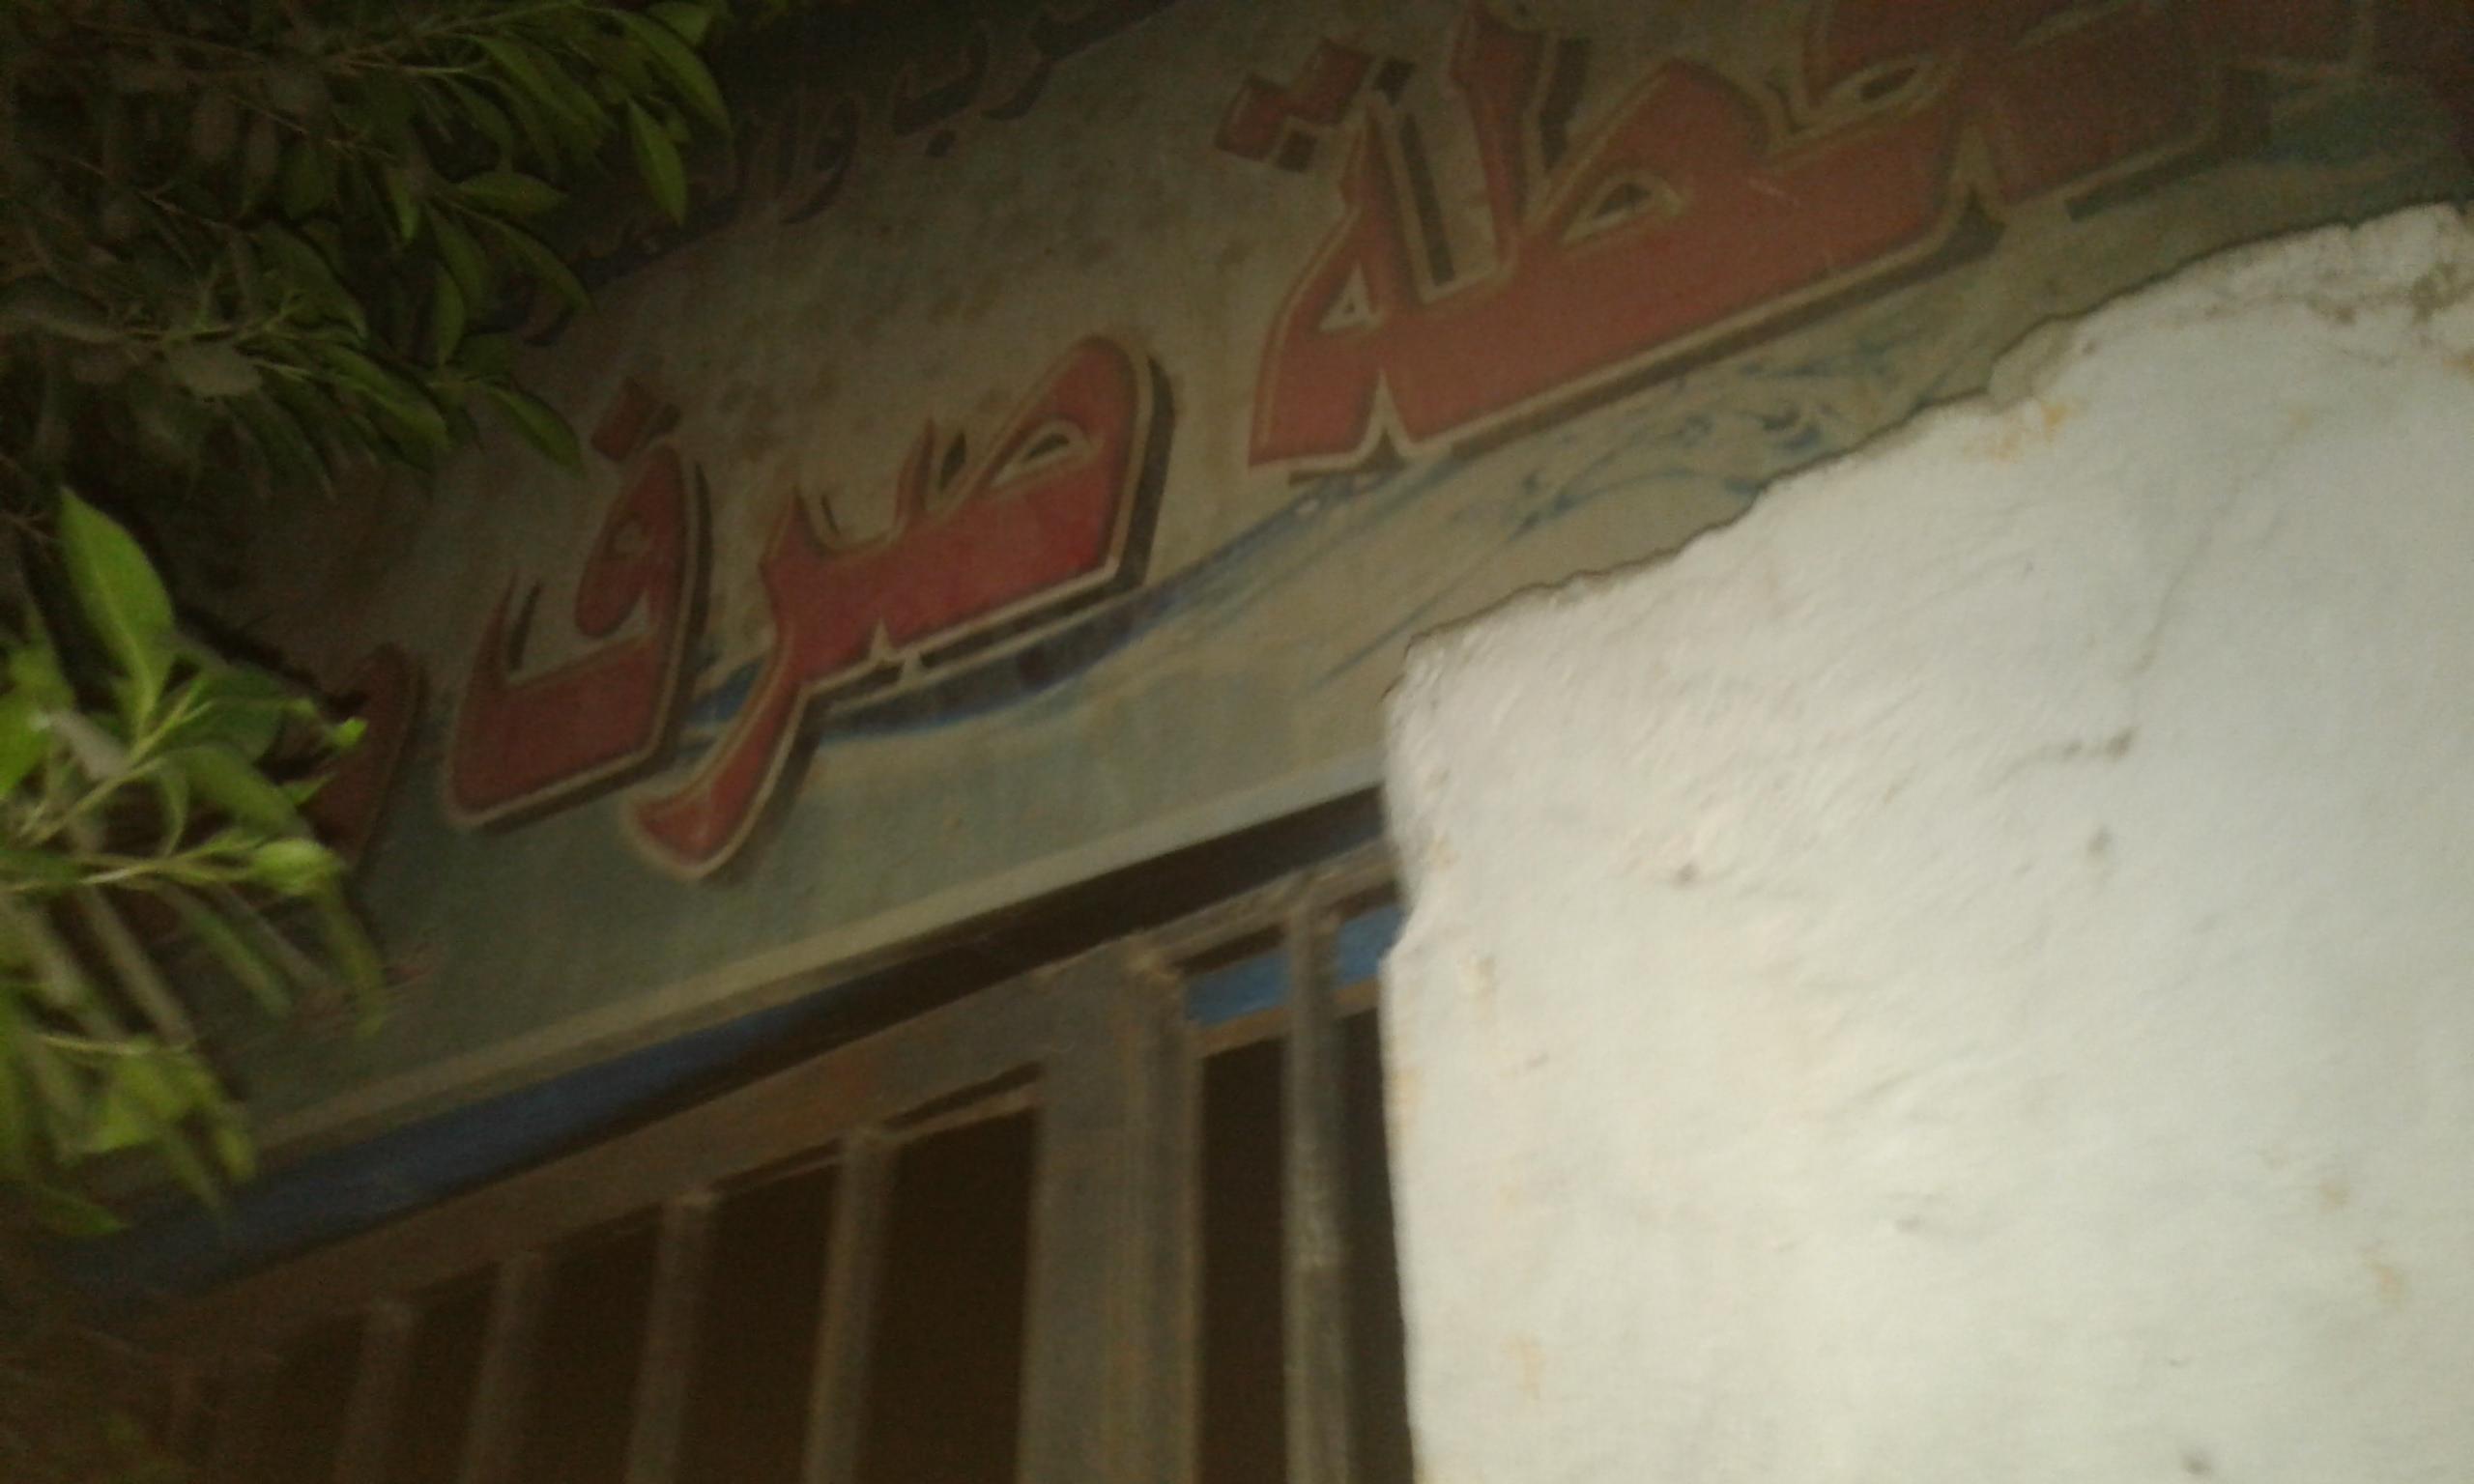 صورة 1 أهالى نجع صديق مع محرر اليوم السابع (3)